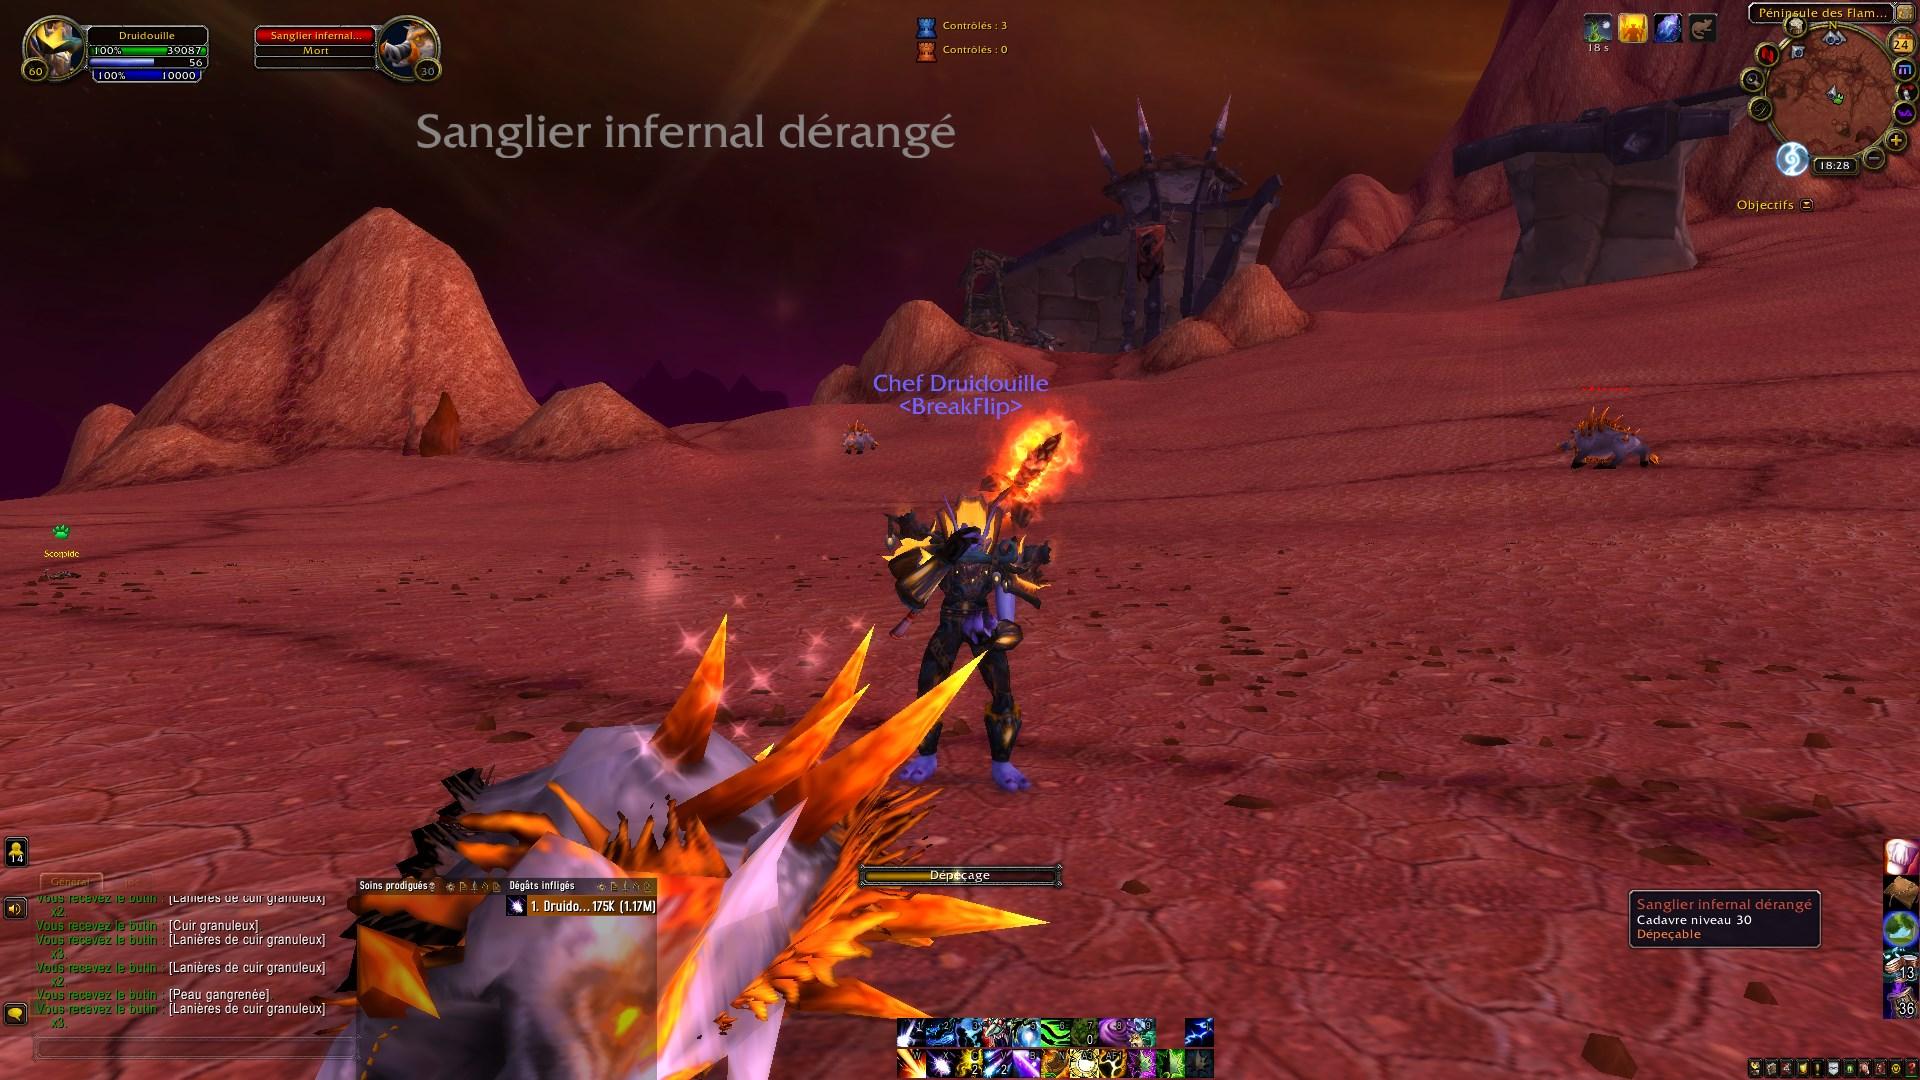 gangrepeau-farm-tbc-wow-burning-crusade-1